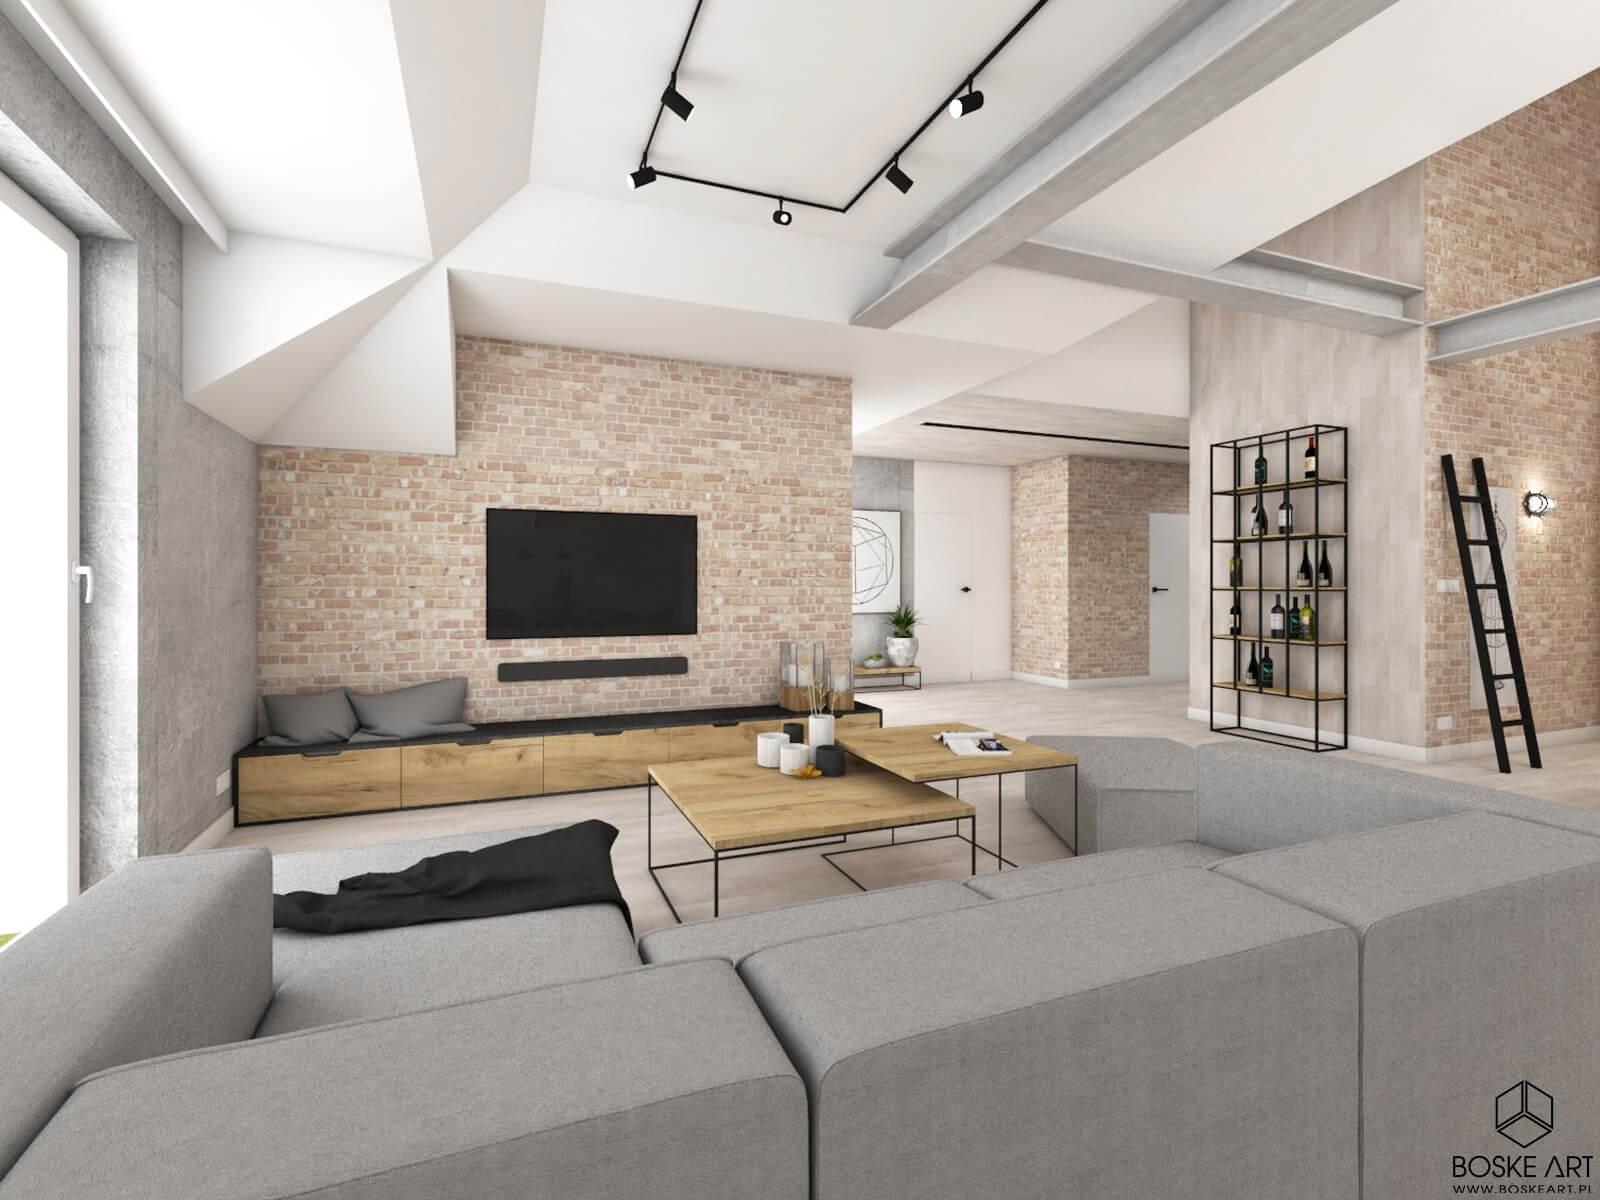 4_mieszkanie_poznan_boske_art_projektowanie_wnetrz_architektura_natalia_robaszkiewicz-min